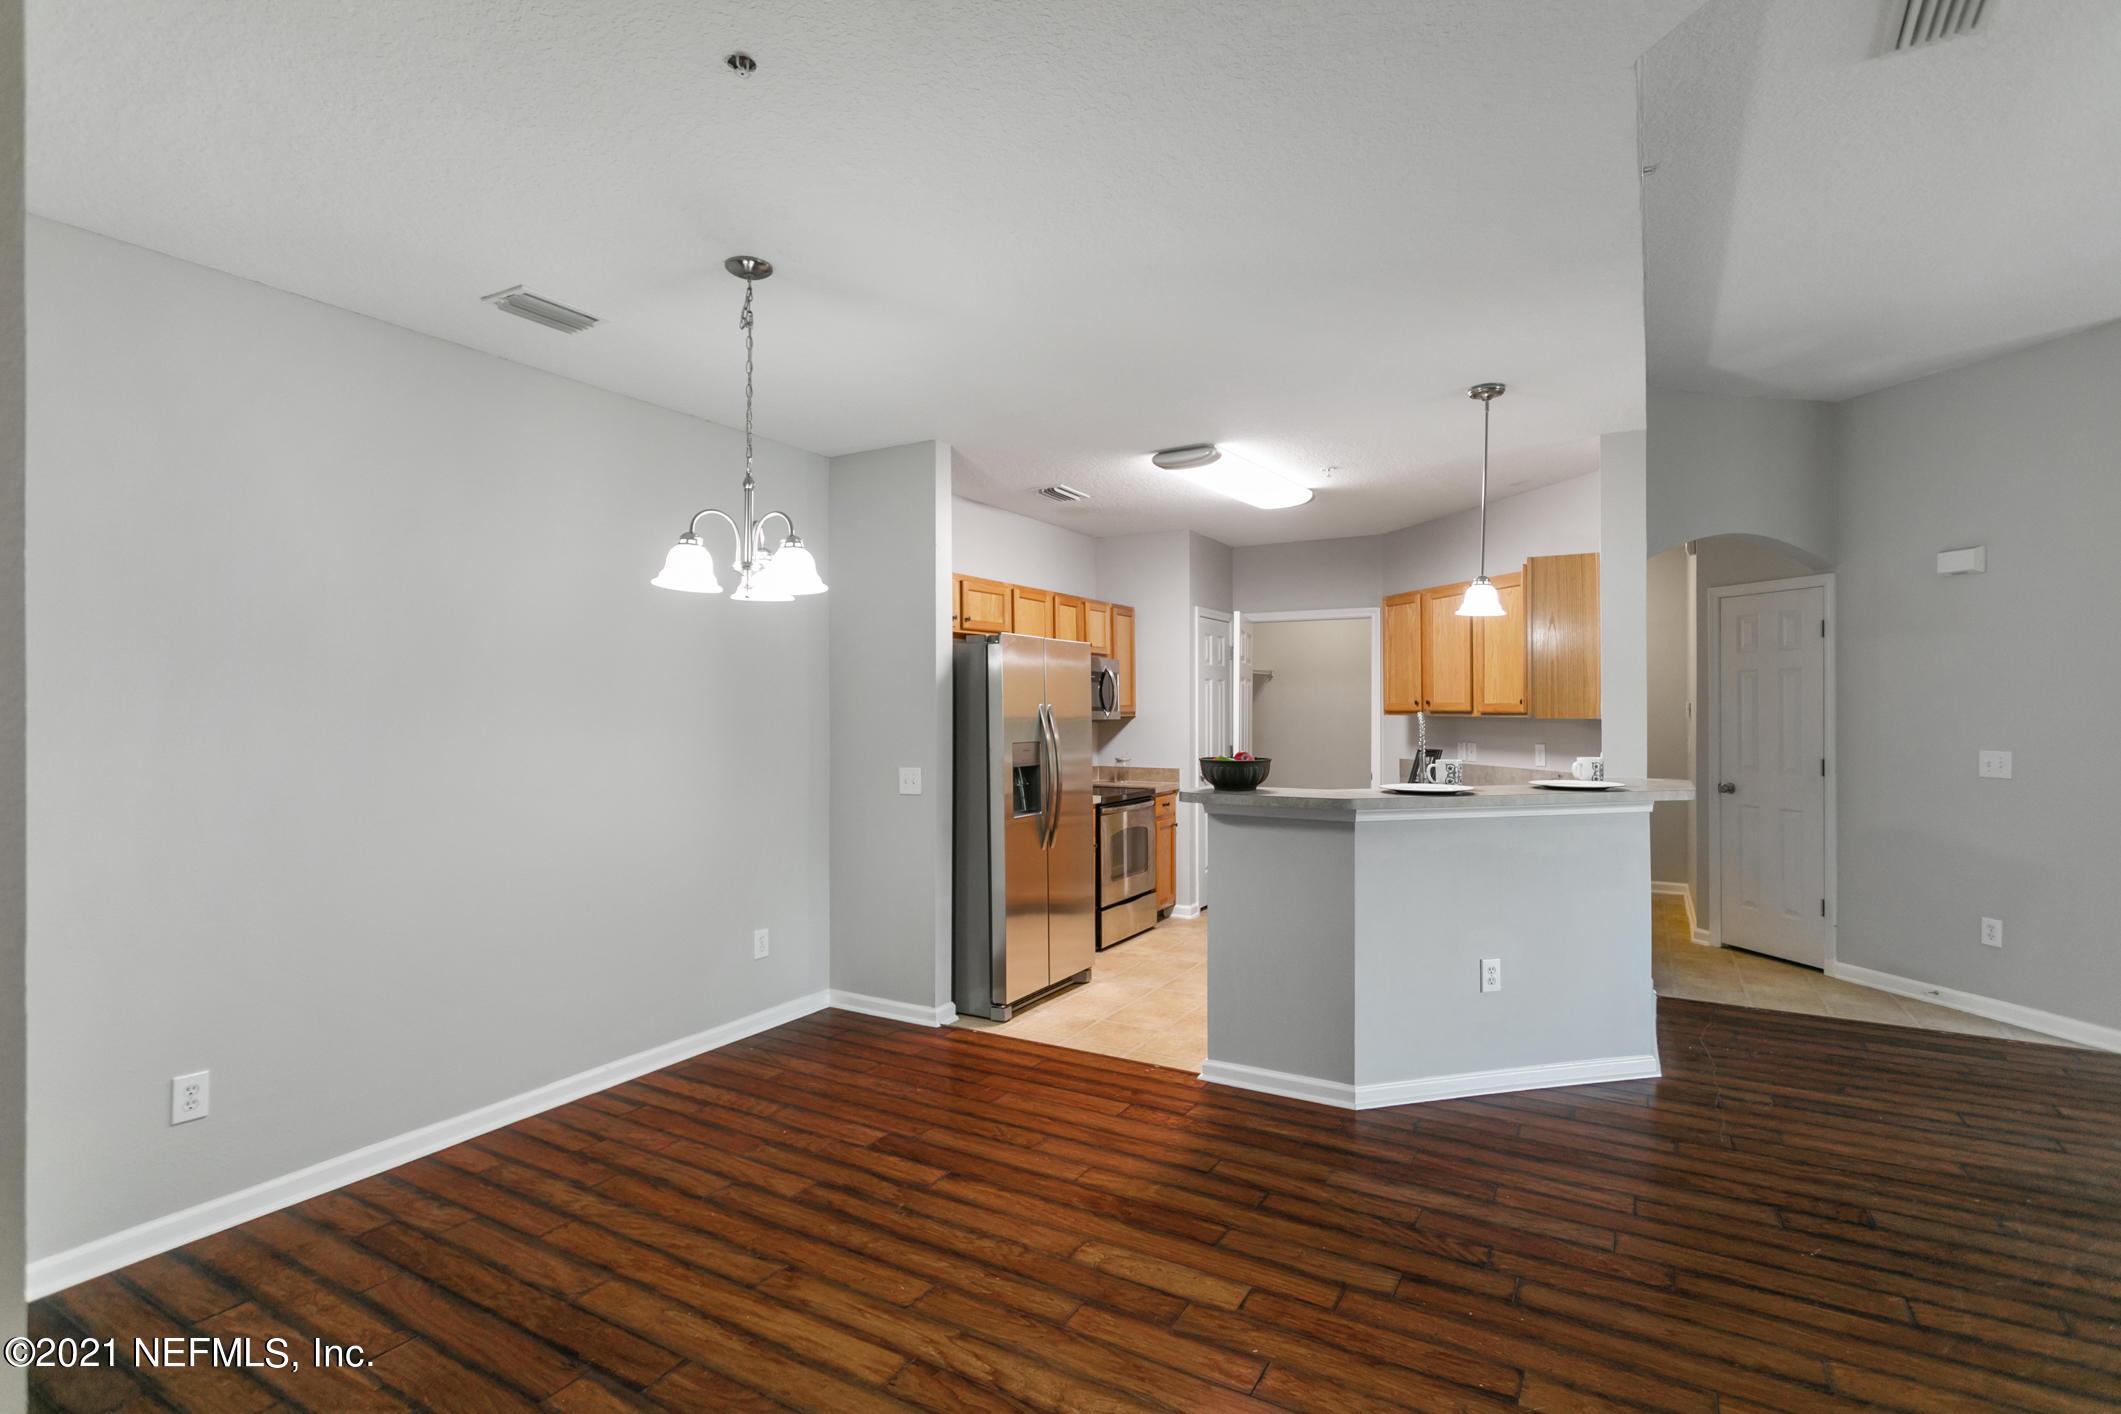 785 OAKLEAF PLANTATION, ORANGE PARK, FLORIDA 32065, 3 Bedrooms Bedrooms, ,2 BathroomsBathrooms,Residential,For sale,OAKLEAF PLANTATION,1121033